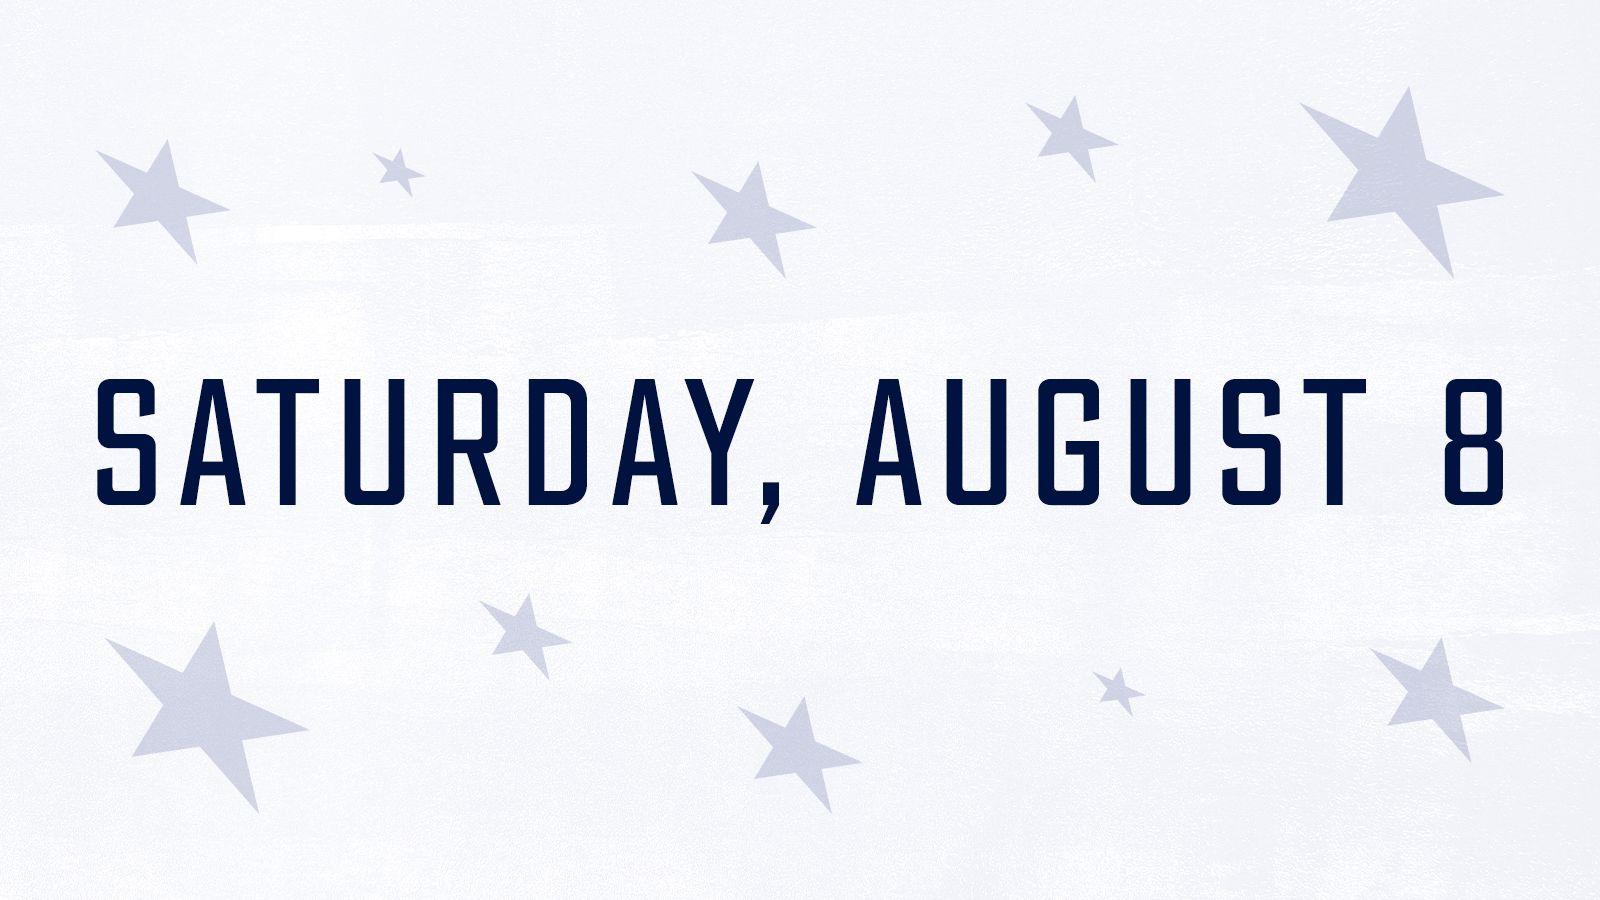 Saturday, August 8